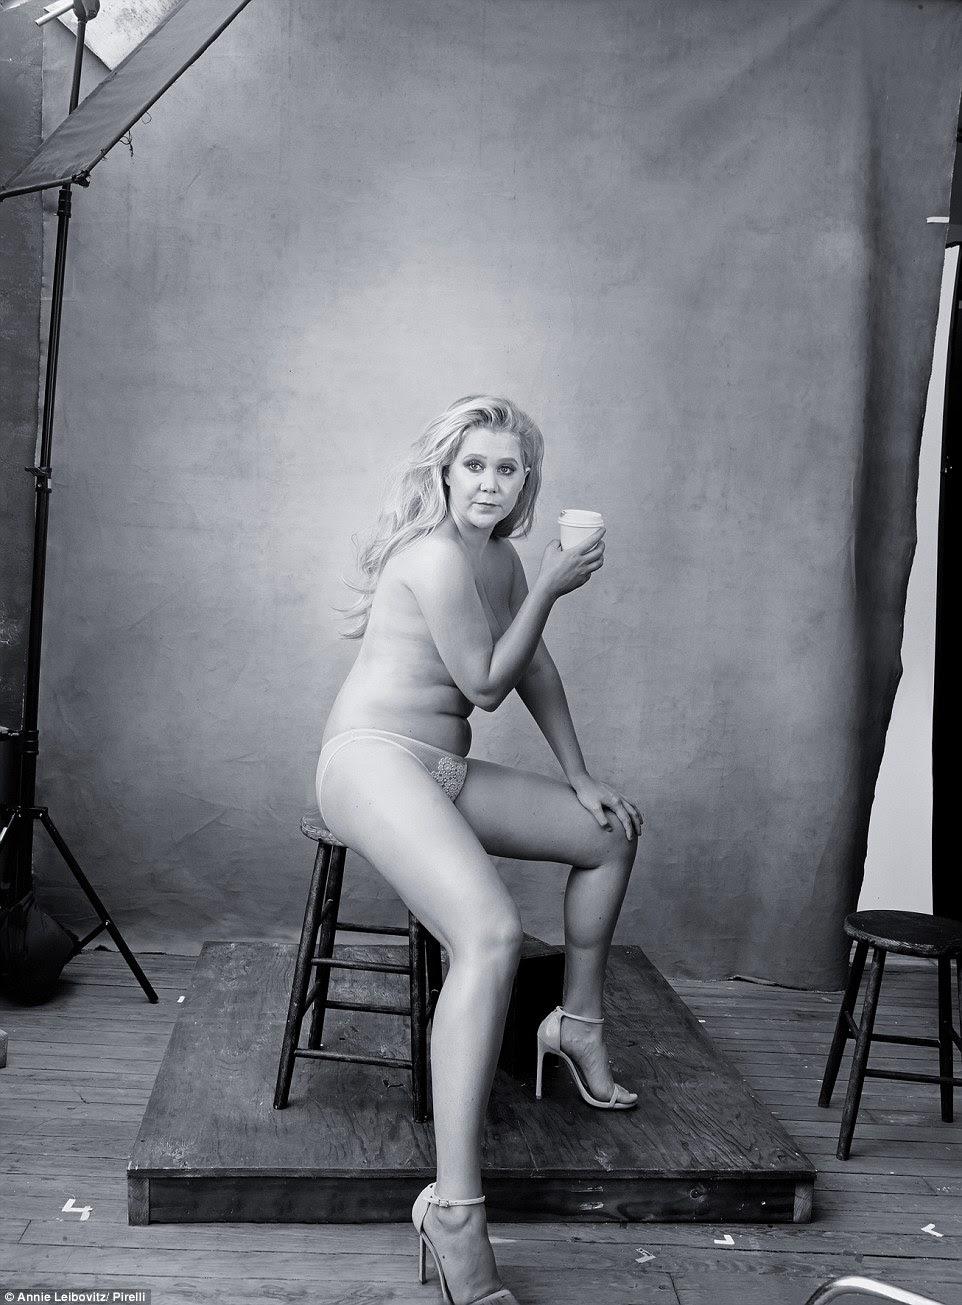 Liderando o caminho: A comediante Amy Schumer se despiu para o Calendário Pirelli 2016, uma das 12 mulheres ilustres escolhidos pelo top fotógrafo Annie Leibovitz para ajudar a reinventar o calendário pin-up